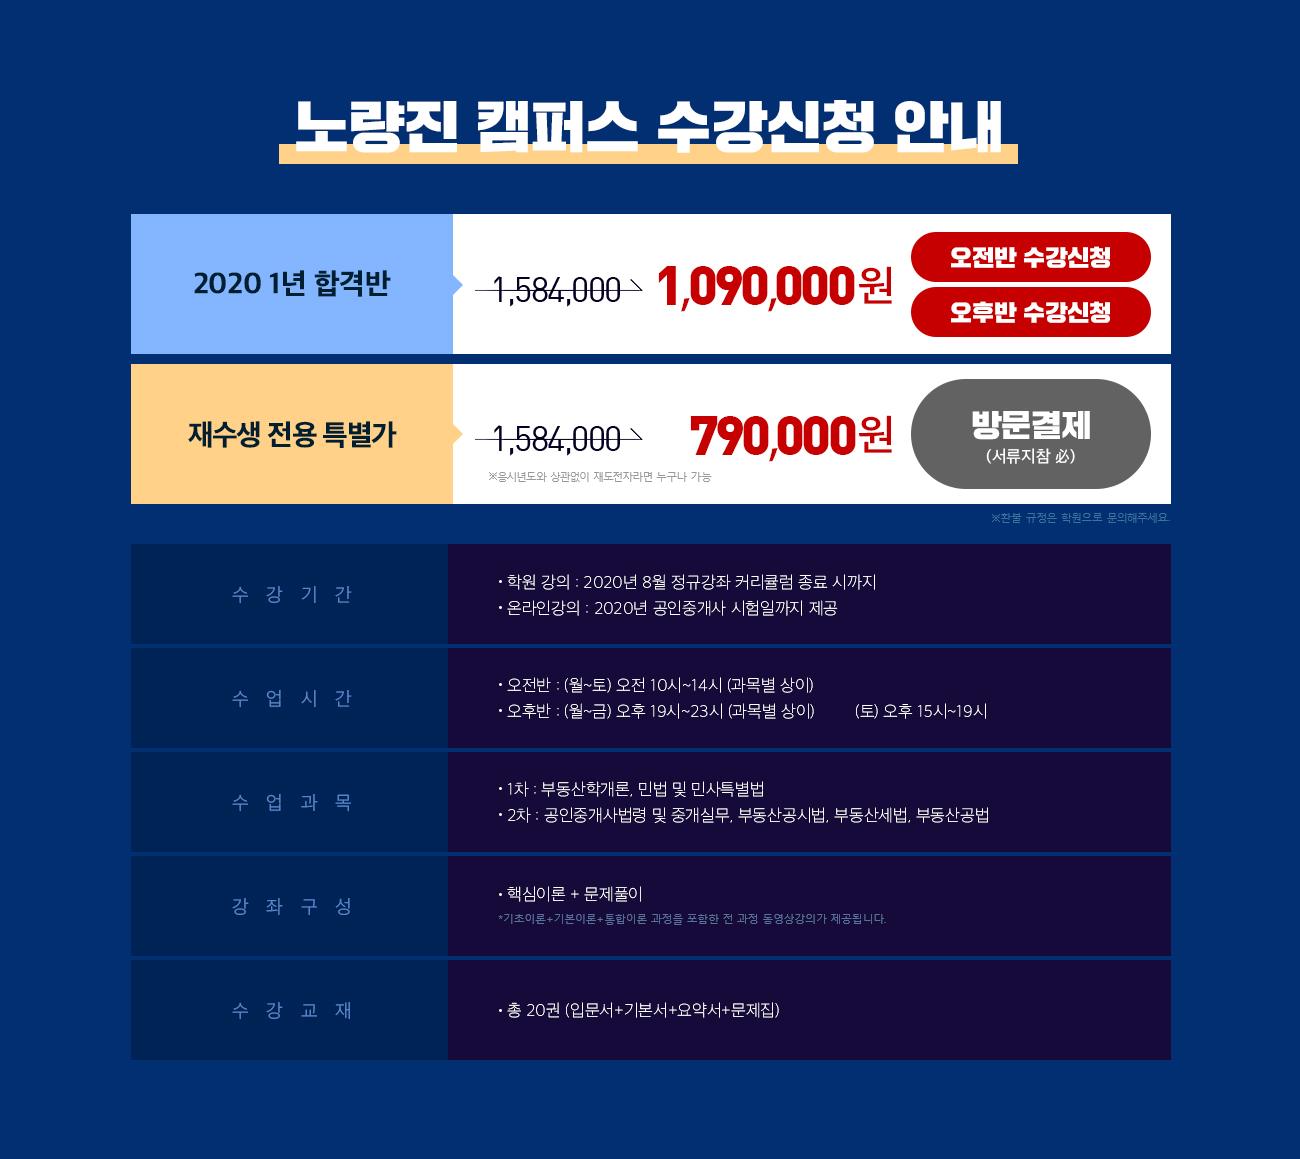 노량진캠퍼스 수강신청 안내